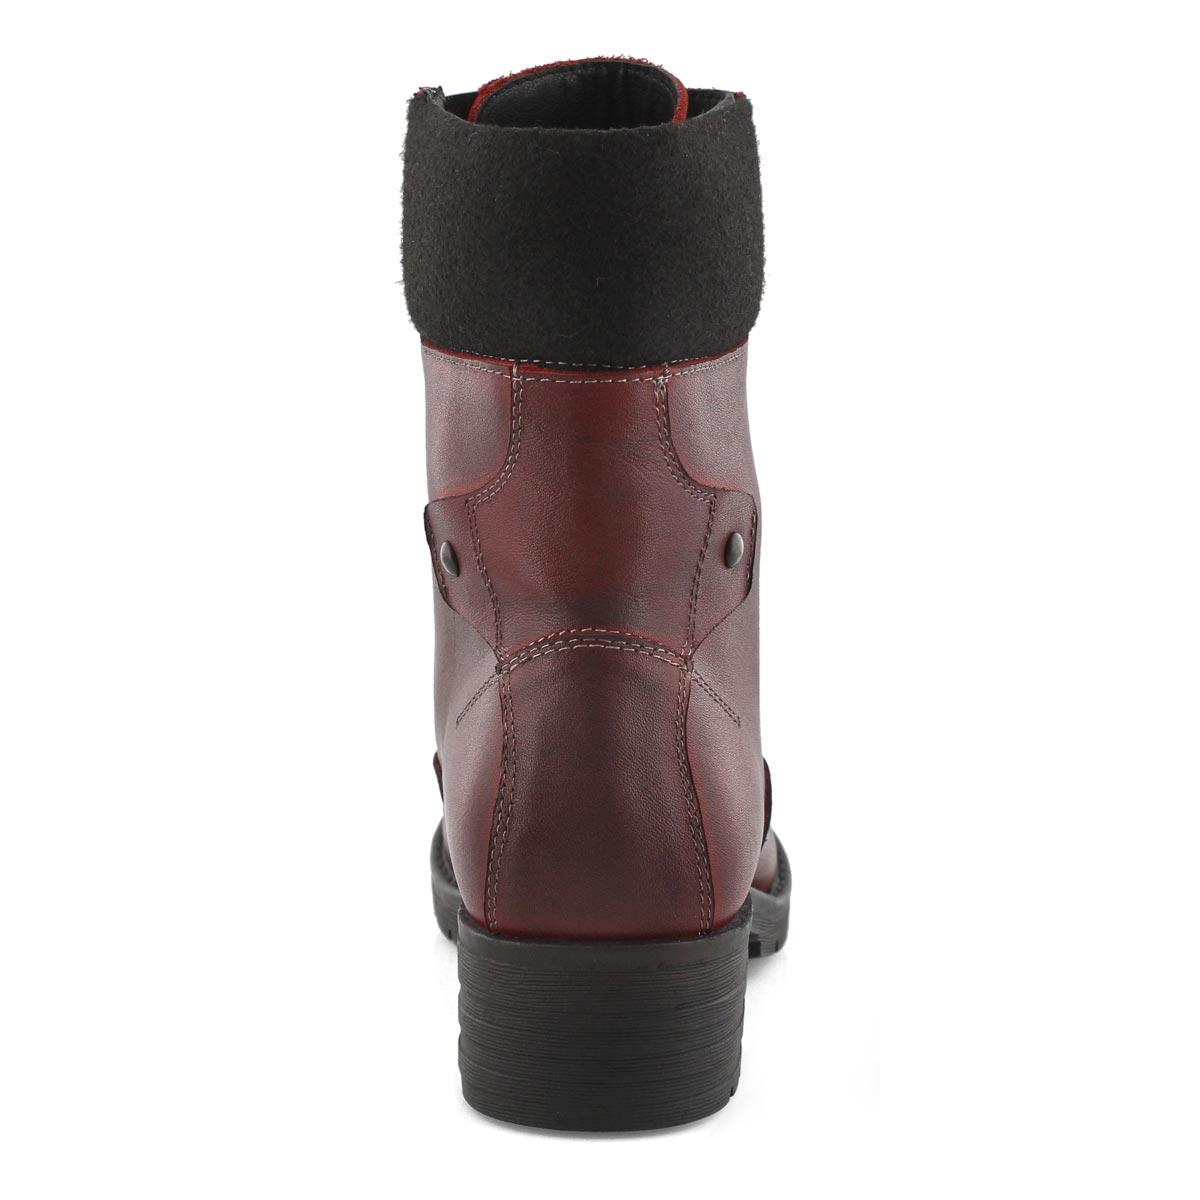 Lds DeeDee 3 red combat boot